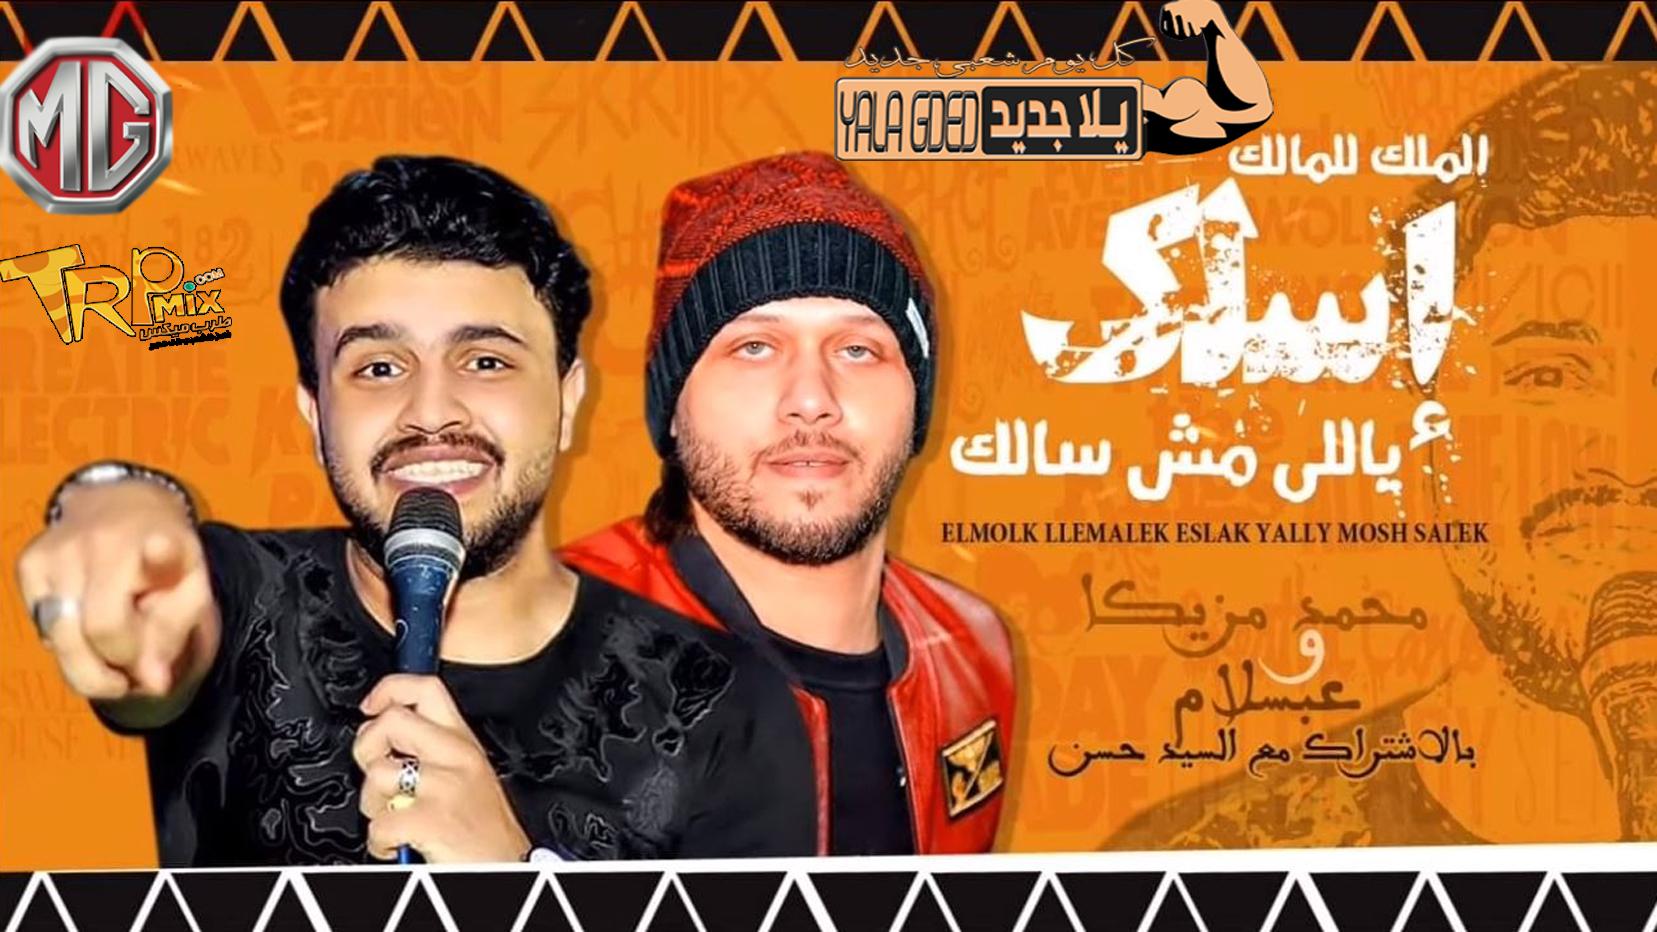 الملك للمالك اسلك يالى مش سالك | محمد مزيكا | عبسلام | بالاشتراك السيد حسن | النسخه الاصليه2019